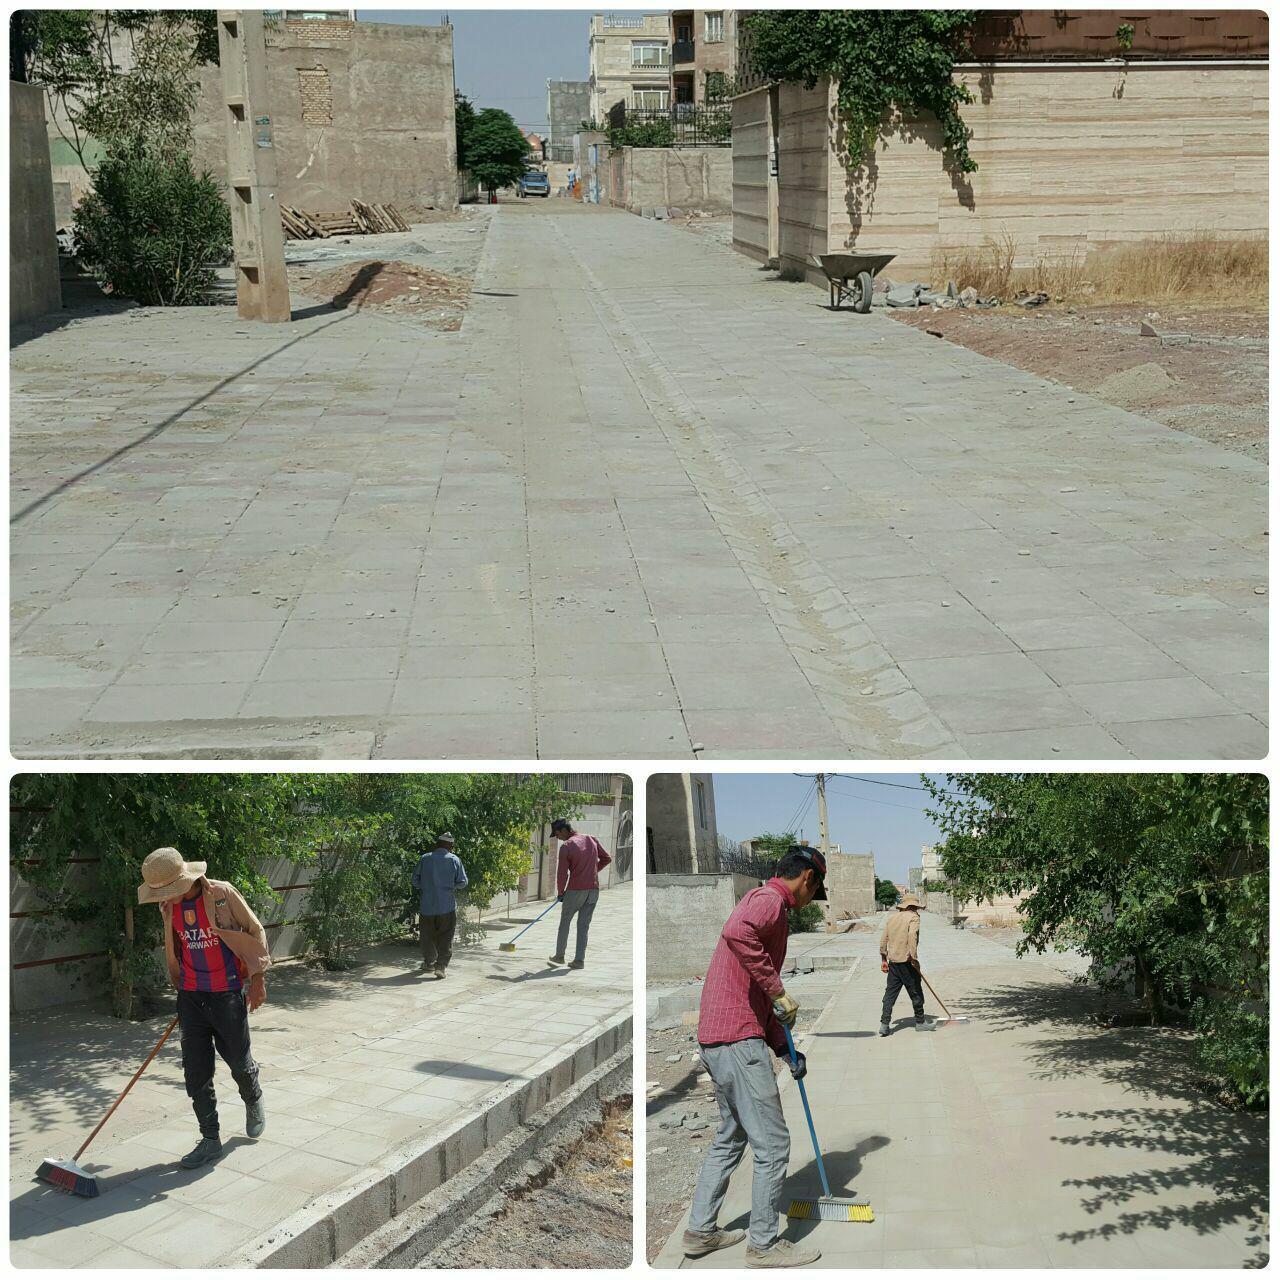 اتمام عملیات کفپوش خیابان سفید کوه شهر پرند